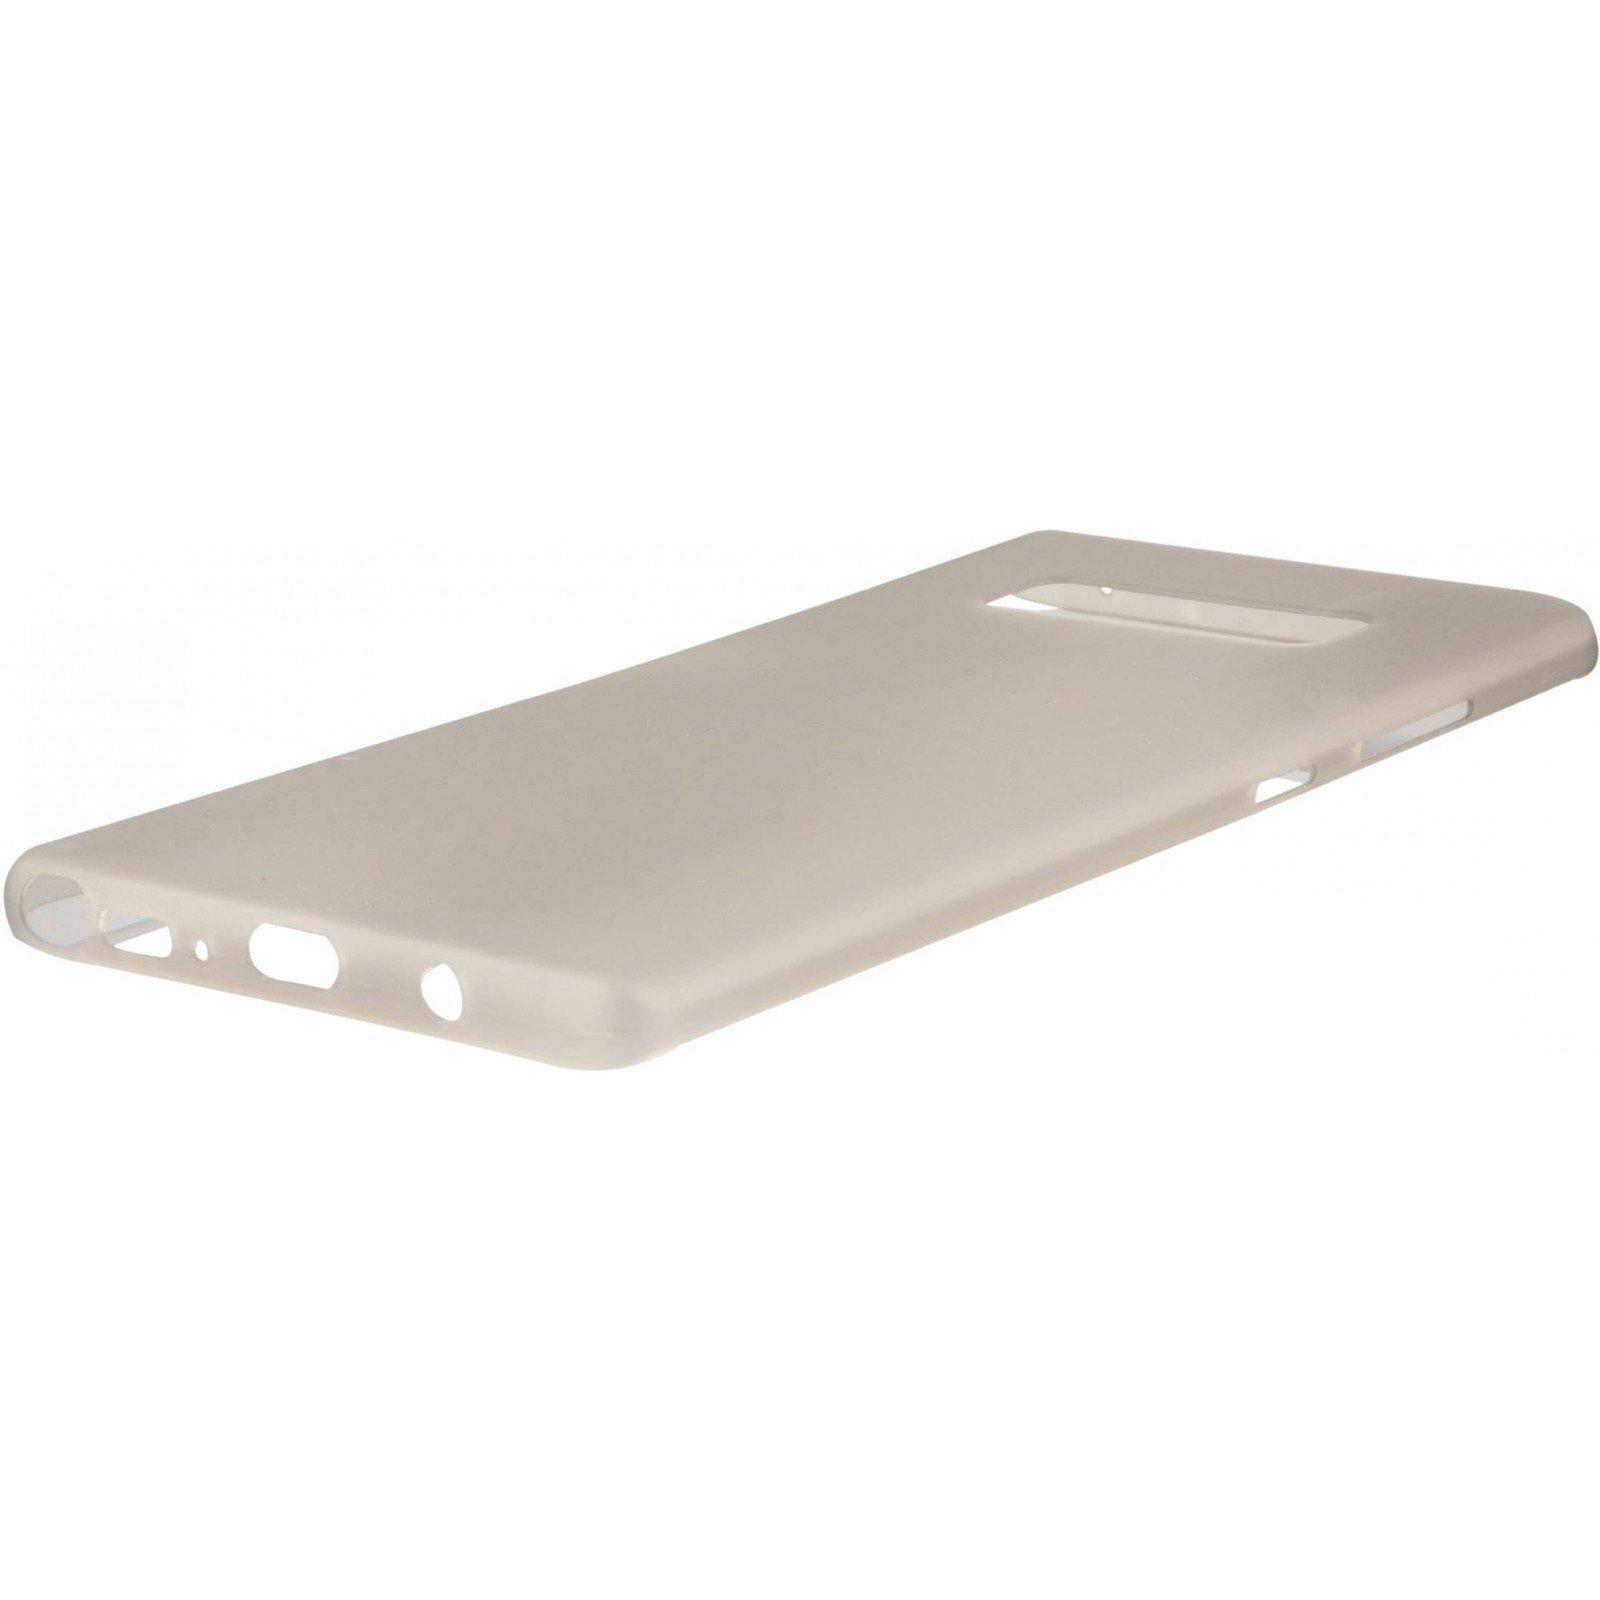 Чехол для моб. телефона MakeFuture PP/Ice Case для Samsung Note 8 Grey (MCI-SN8GR) изображение 7